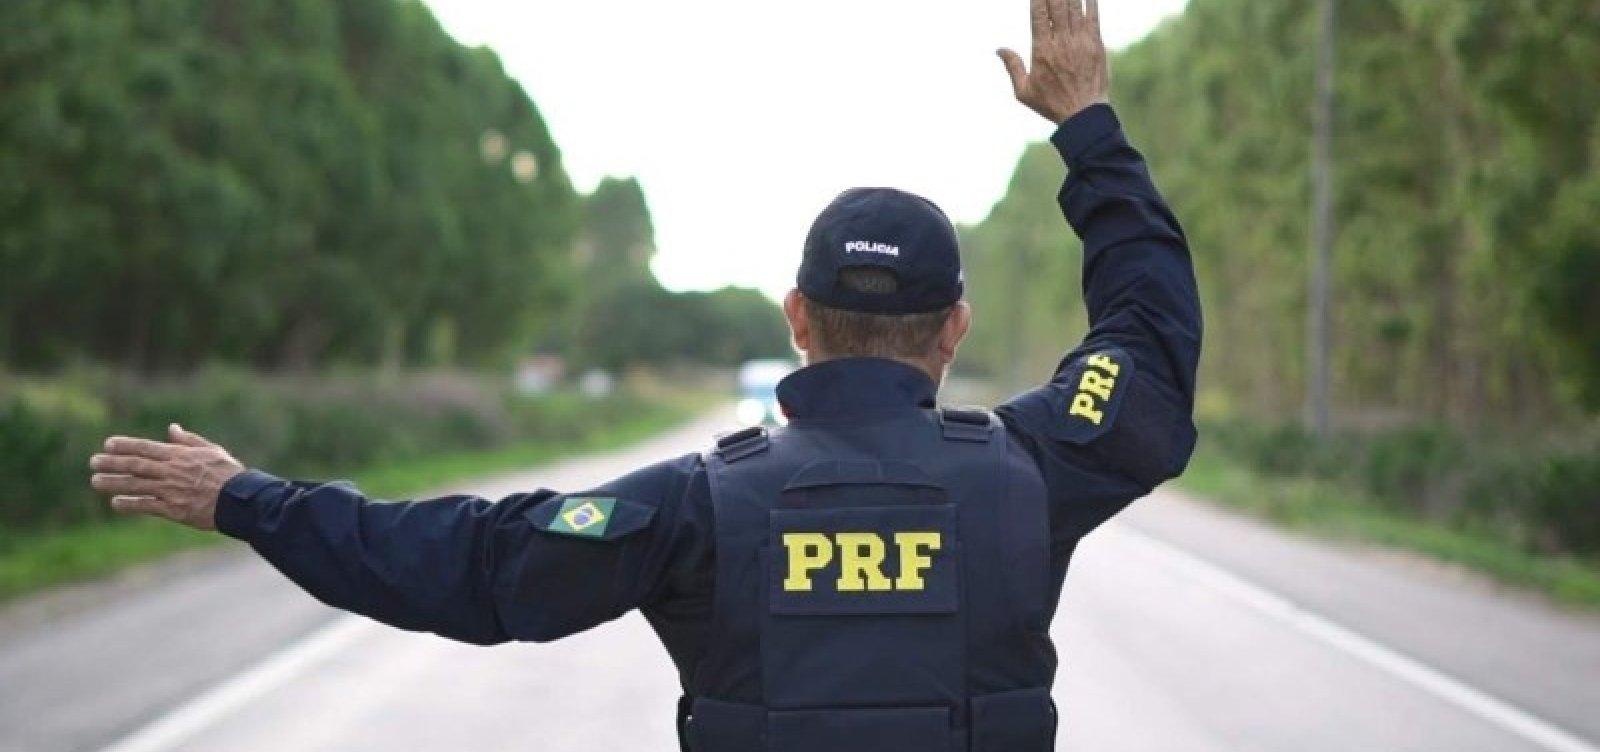 Caminhoneiro é detido ao tentar subornar policiais na BR-101